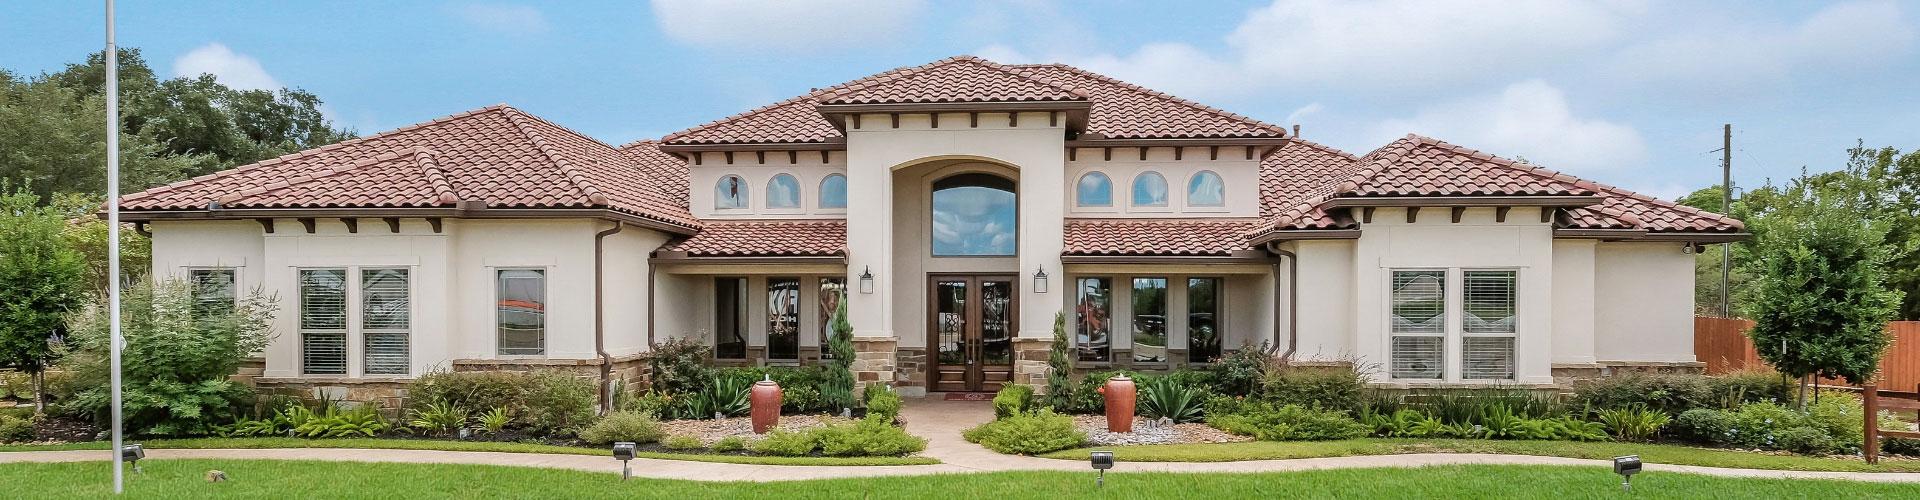 Home Sierra Classic Custom Homes